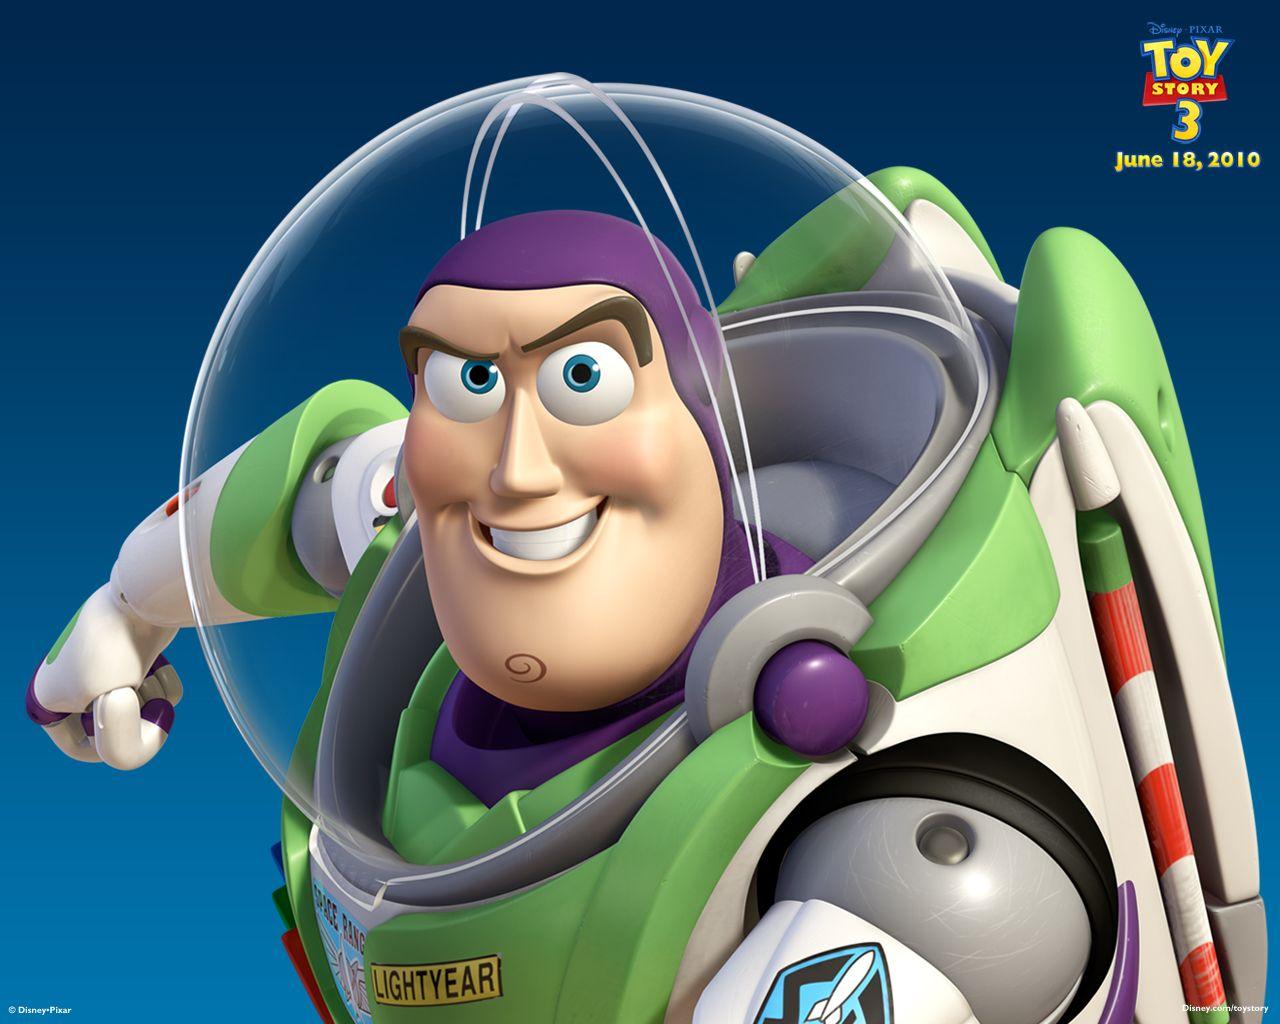 Buzz Lightyear Toy Story 3 Wallpaper 1280x1024